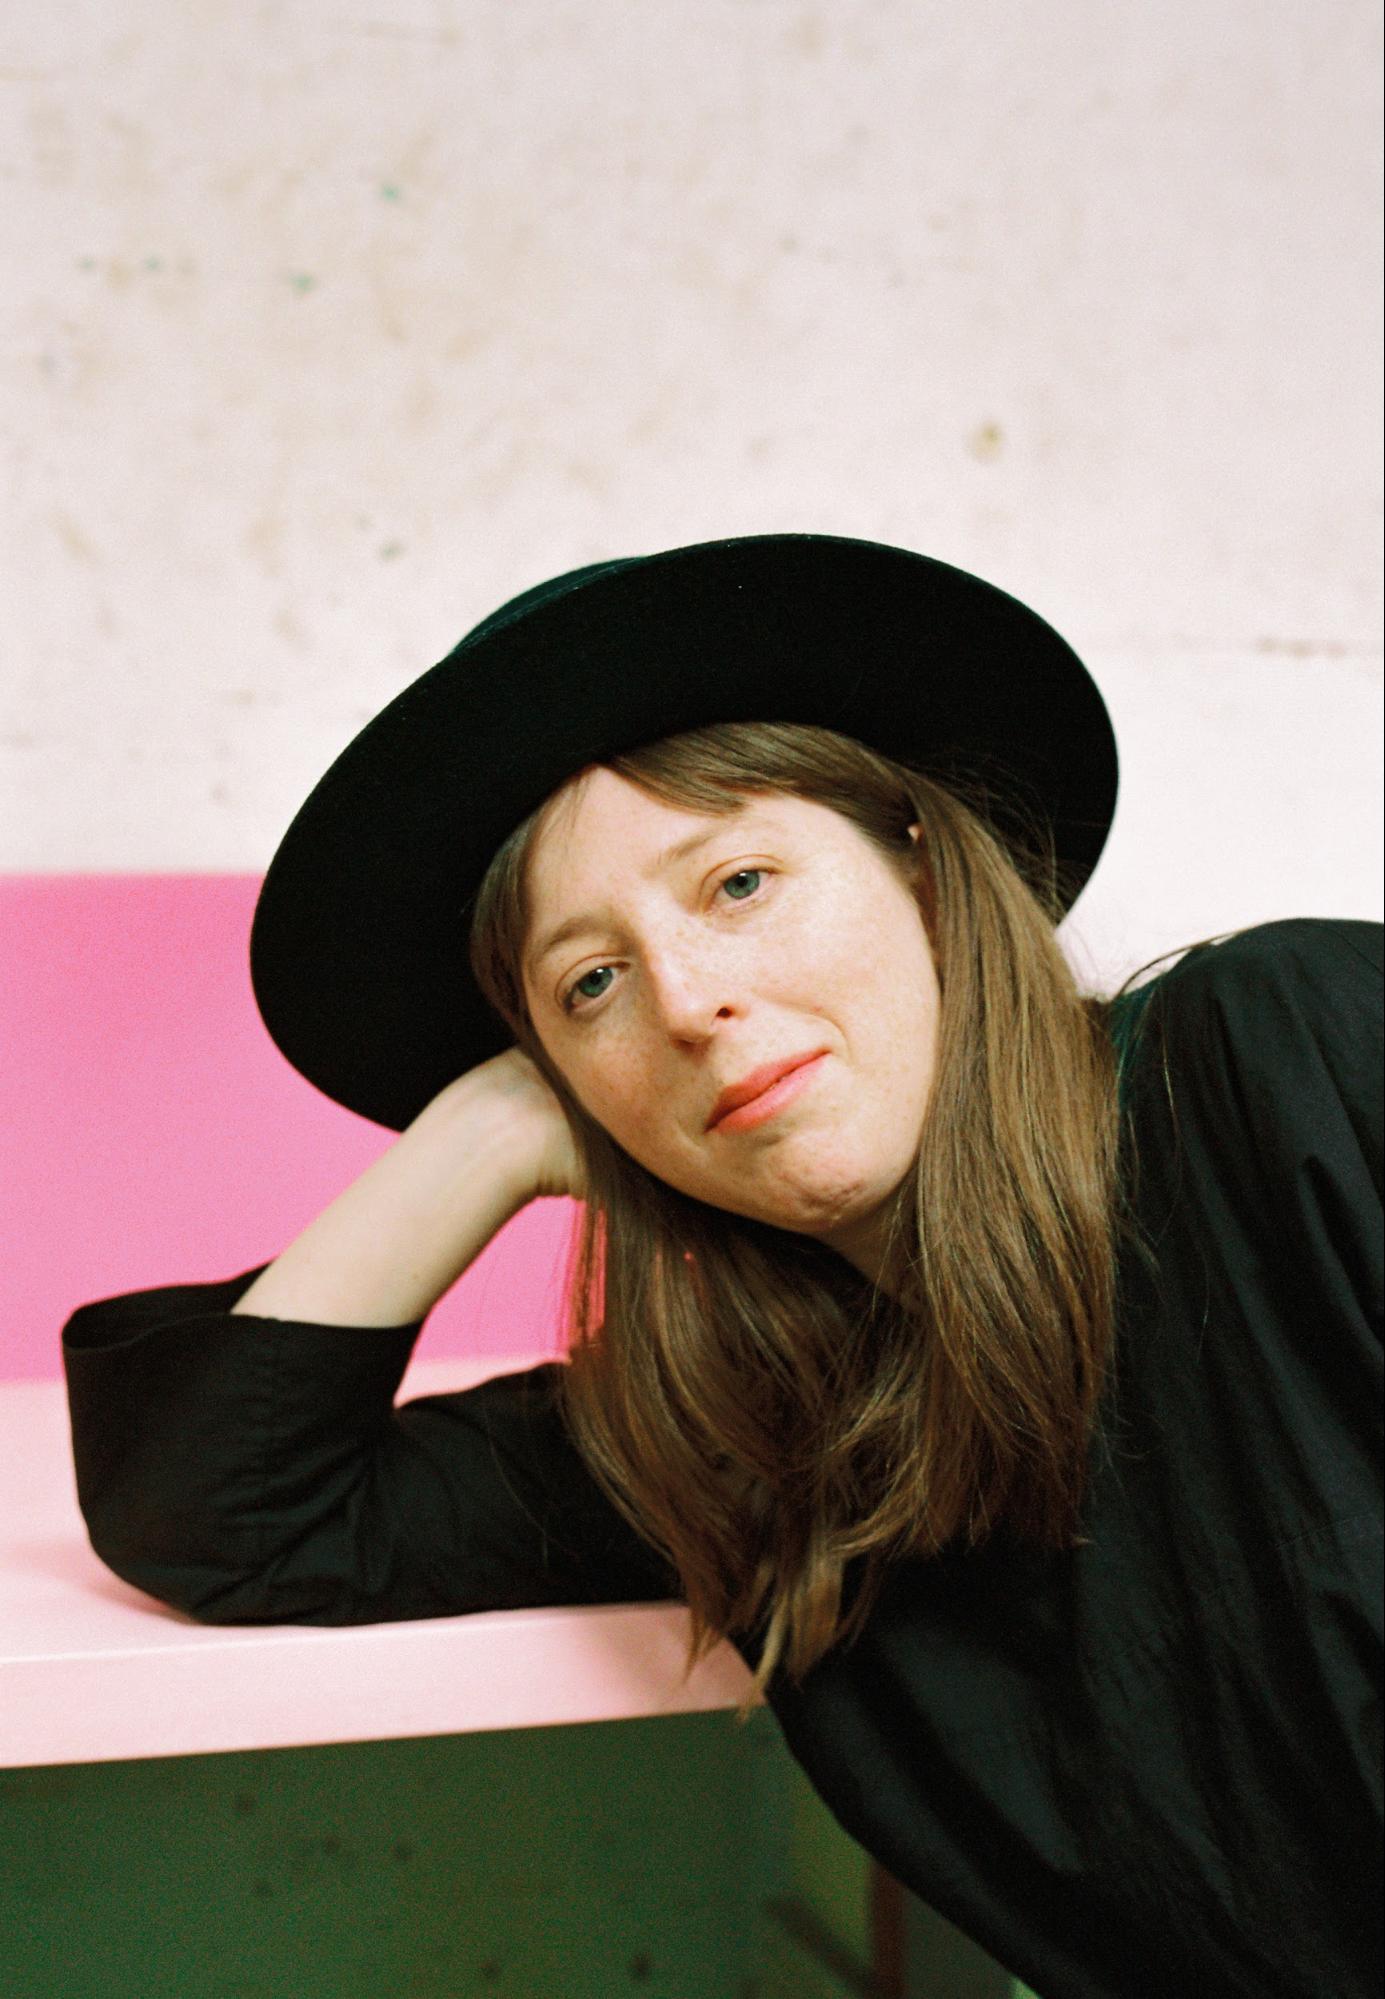 Brooke Singer